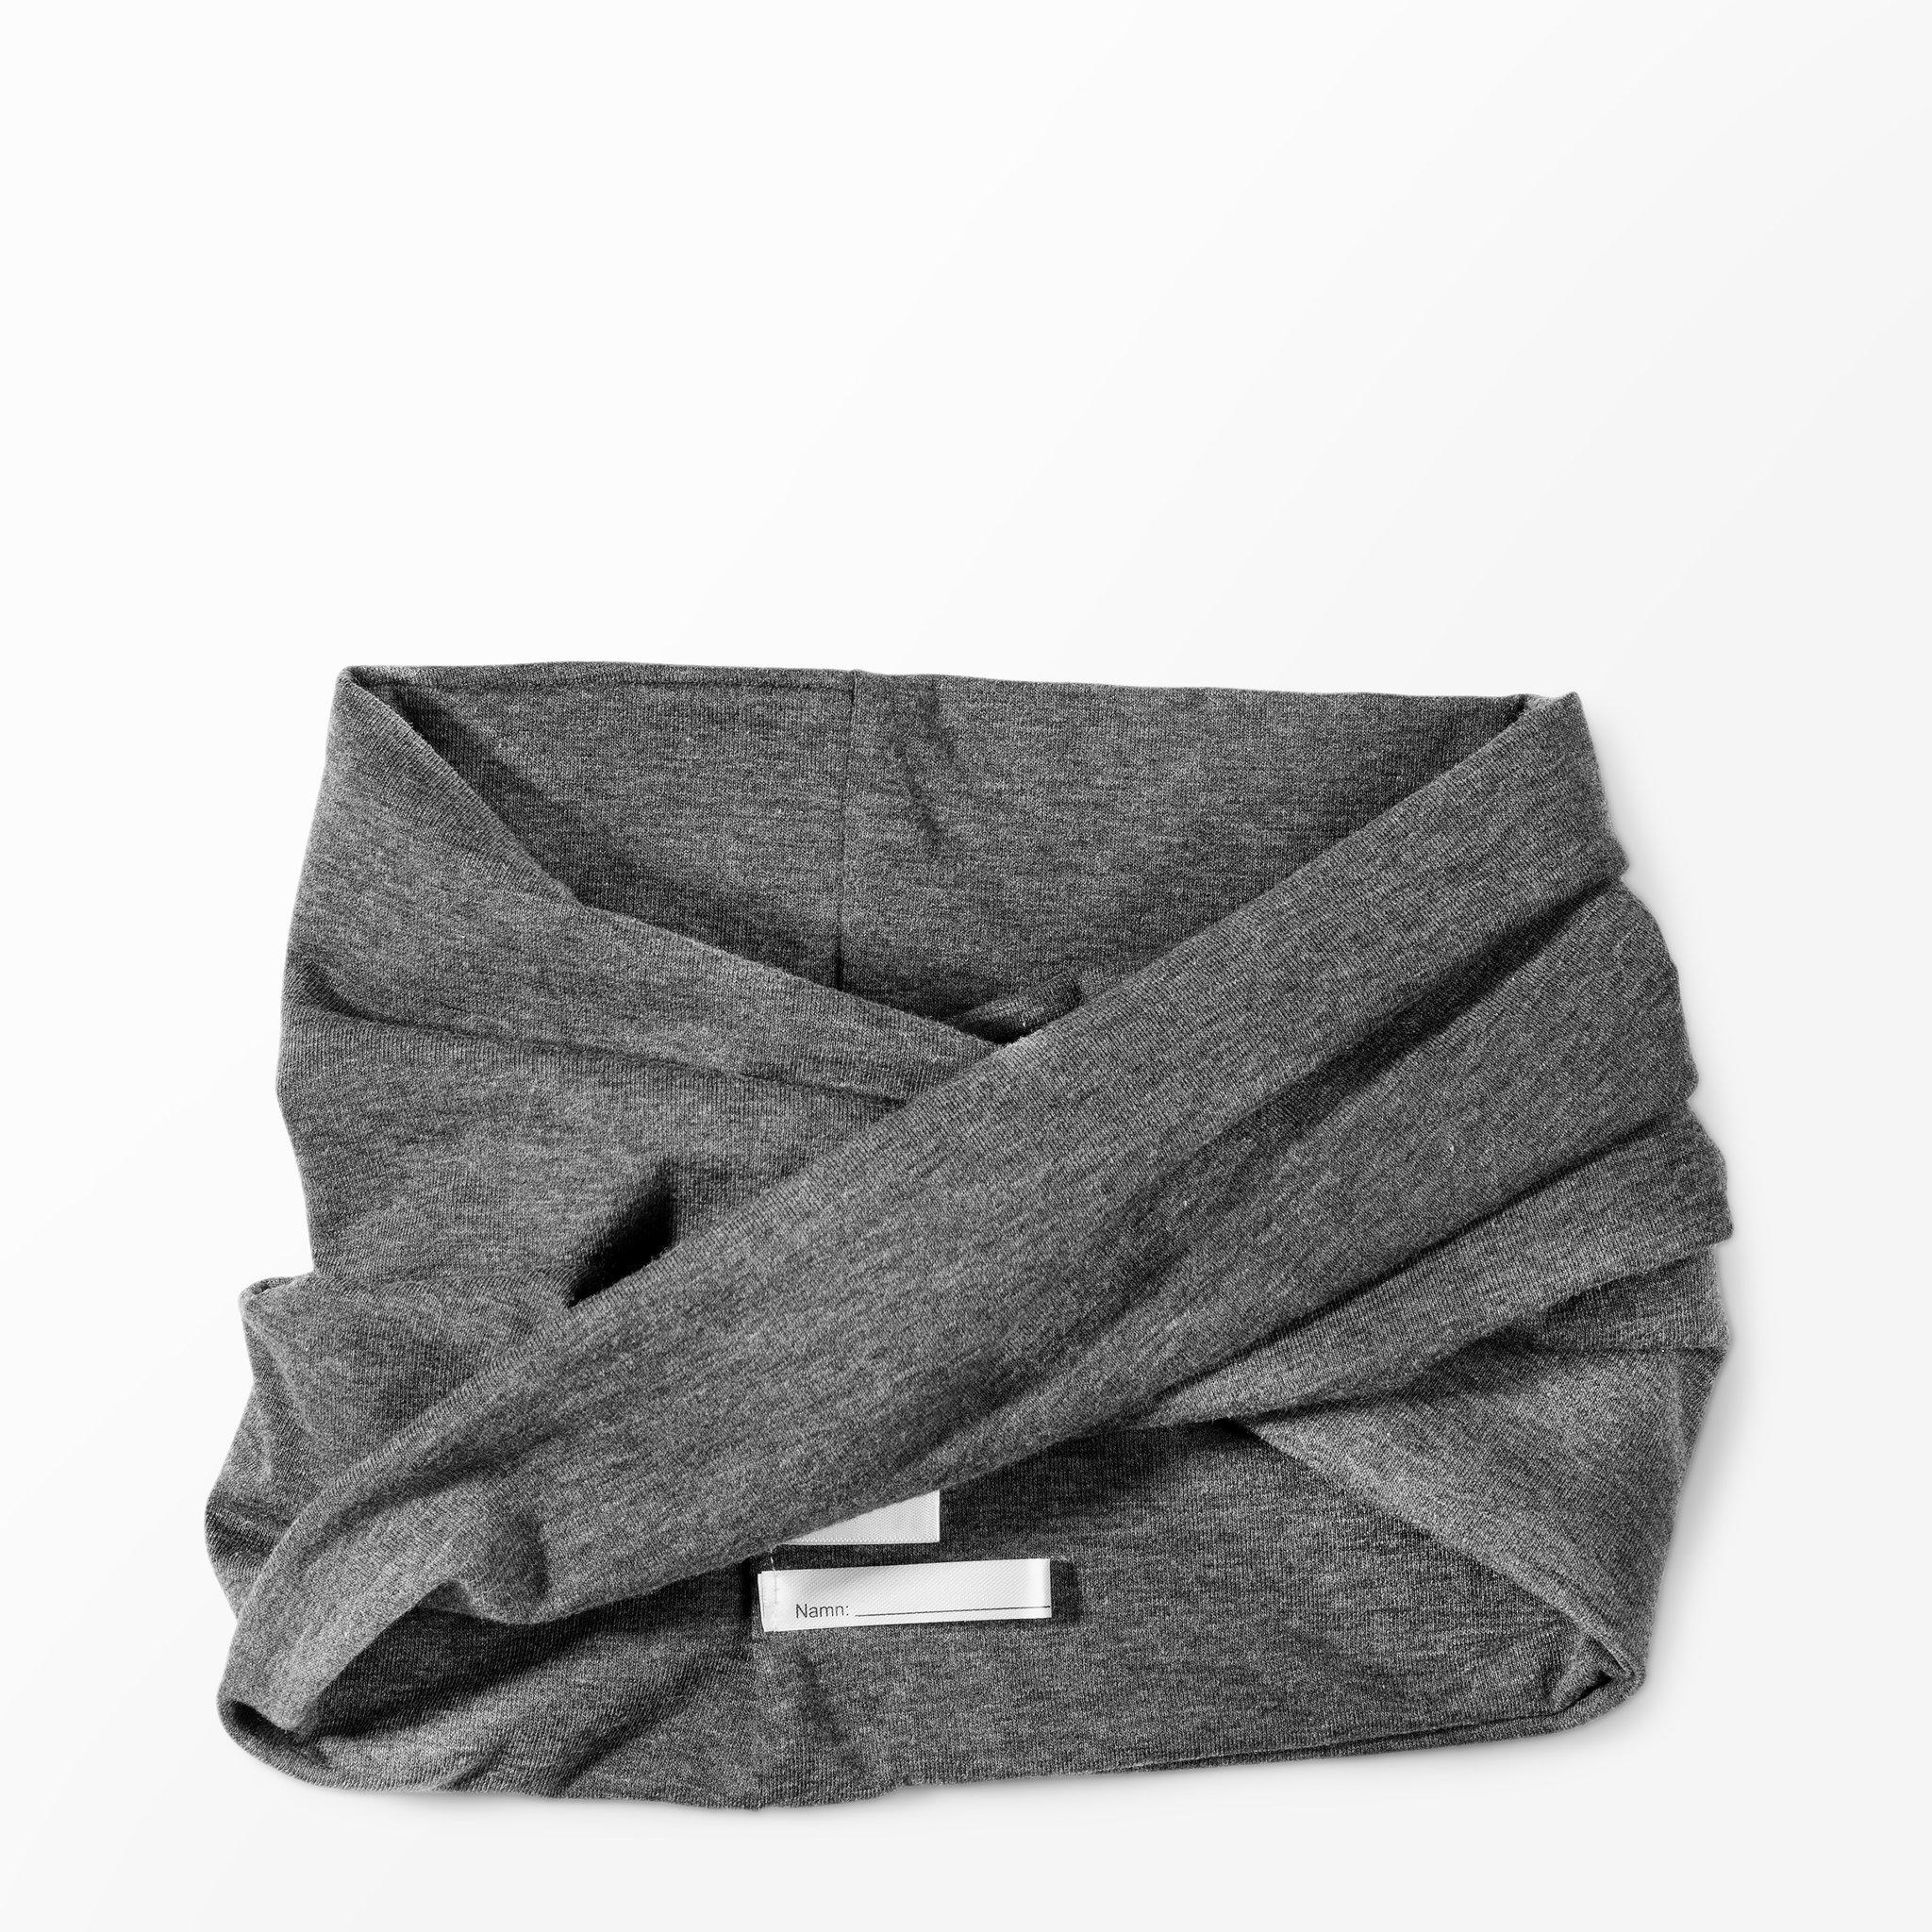 Tubhalsduk - Barnkläder stl. 86-116 - Köp online på åhlens.se! 340e907c24bc7